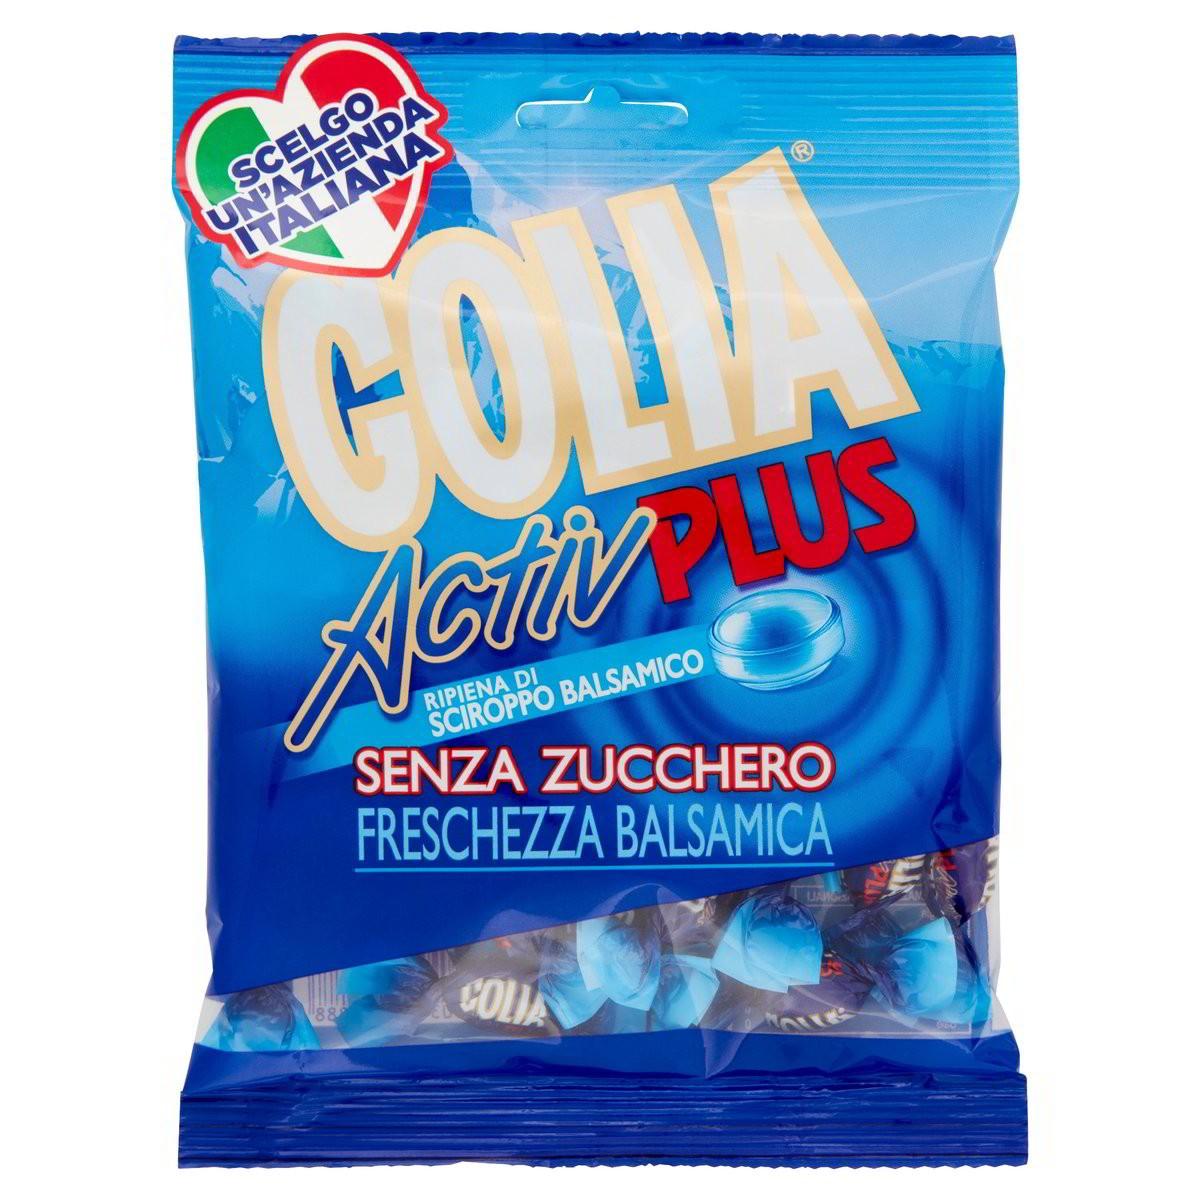 Golia Activeplus Freschezza Balsamica